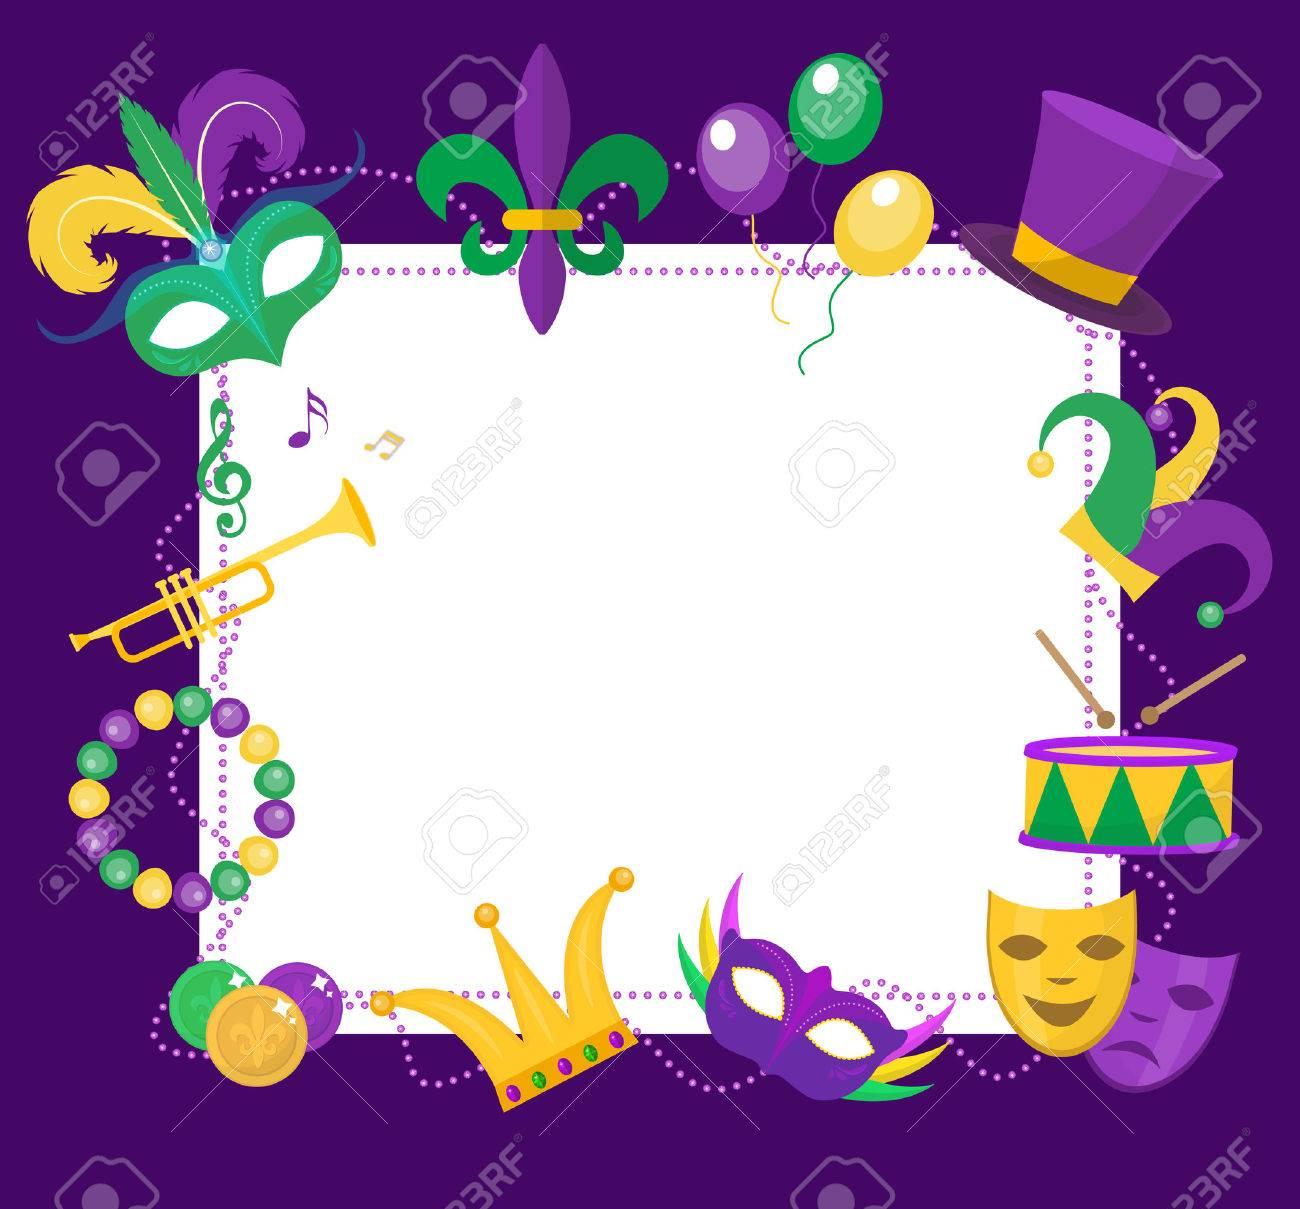 Einladung Party Vorlage - Vorlagen